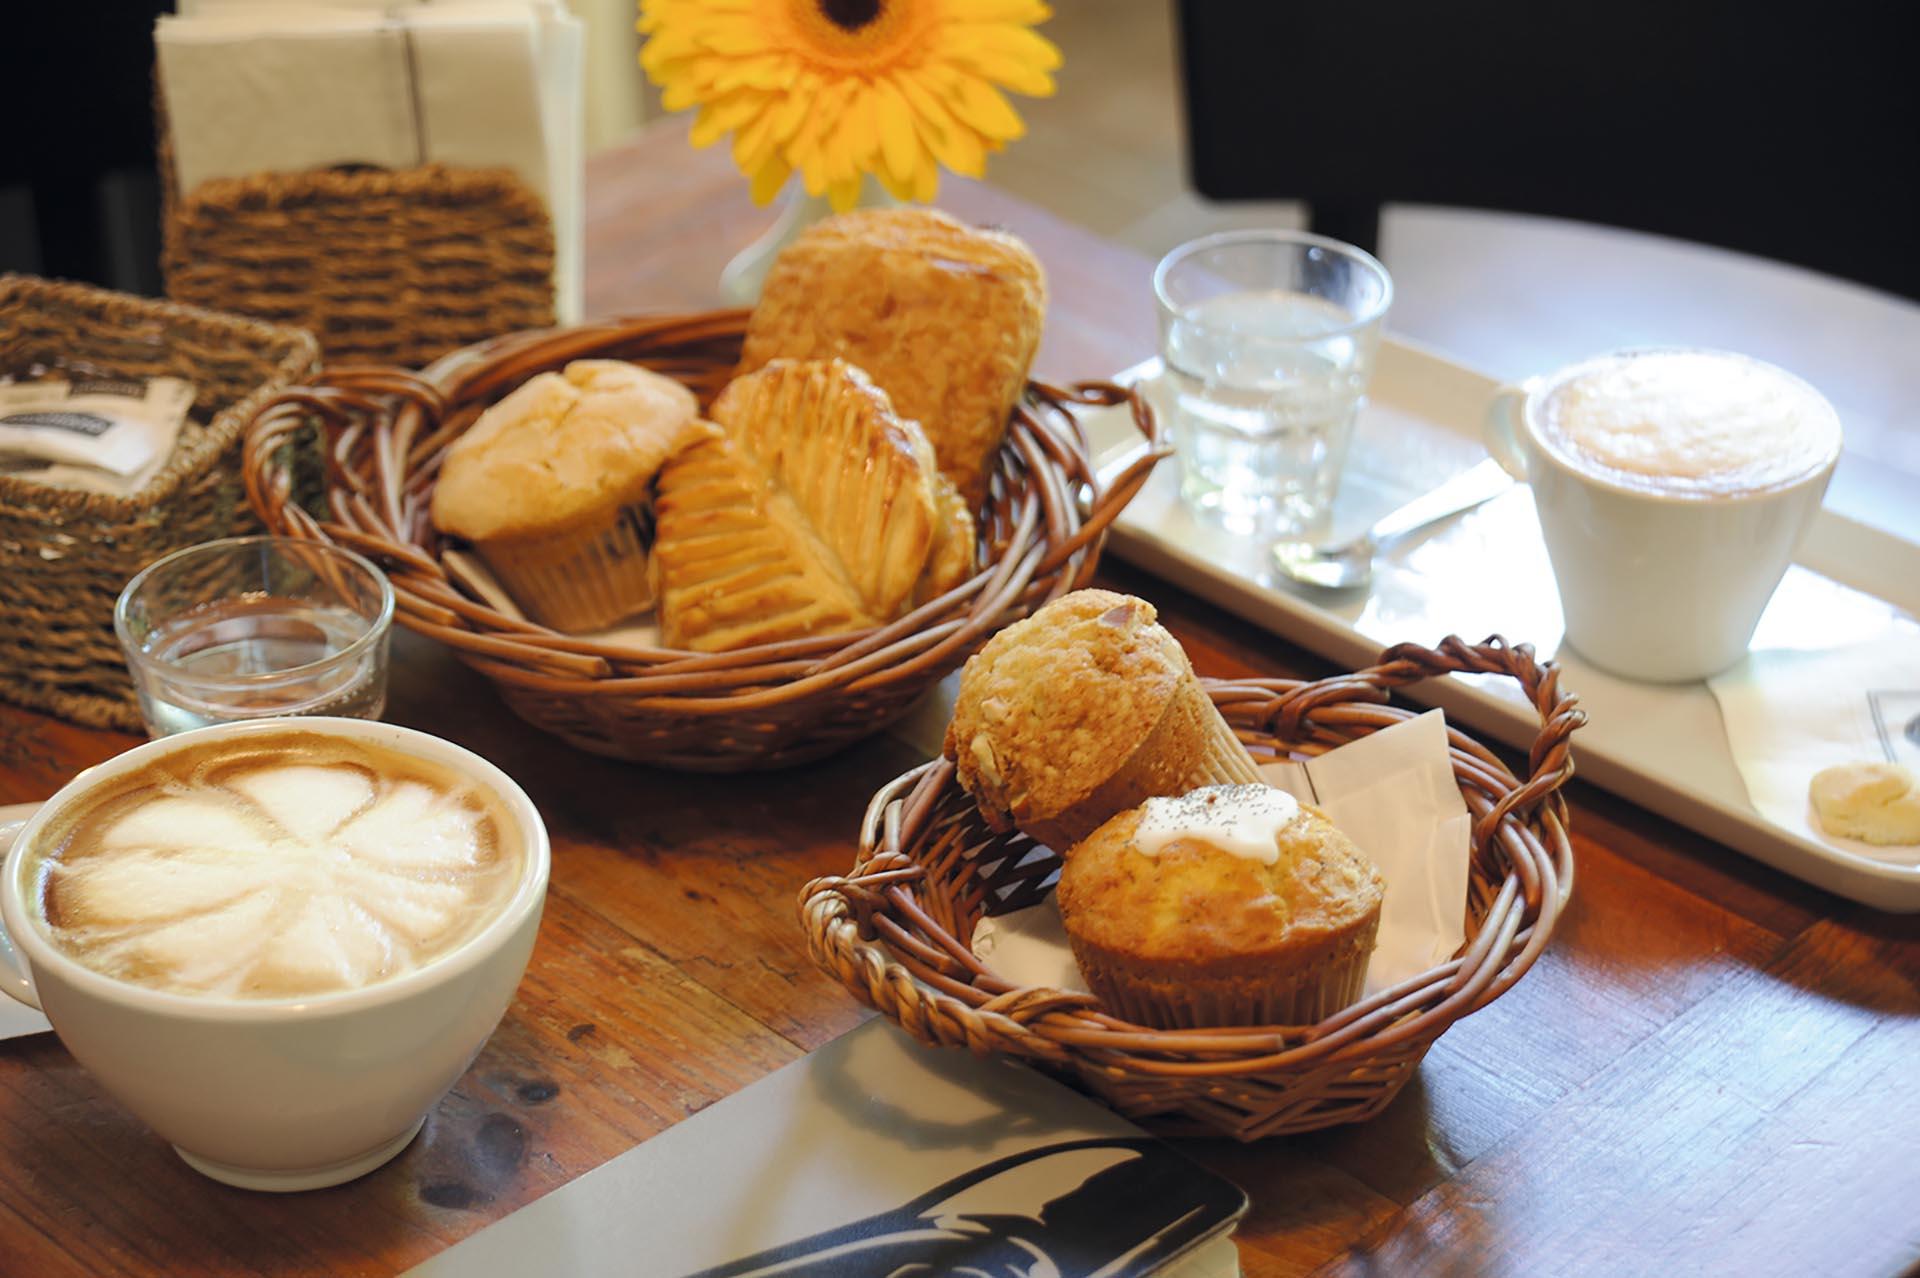 El desayuno está servido en Le Blé. Fotos Ariel Gutraich